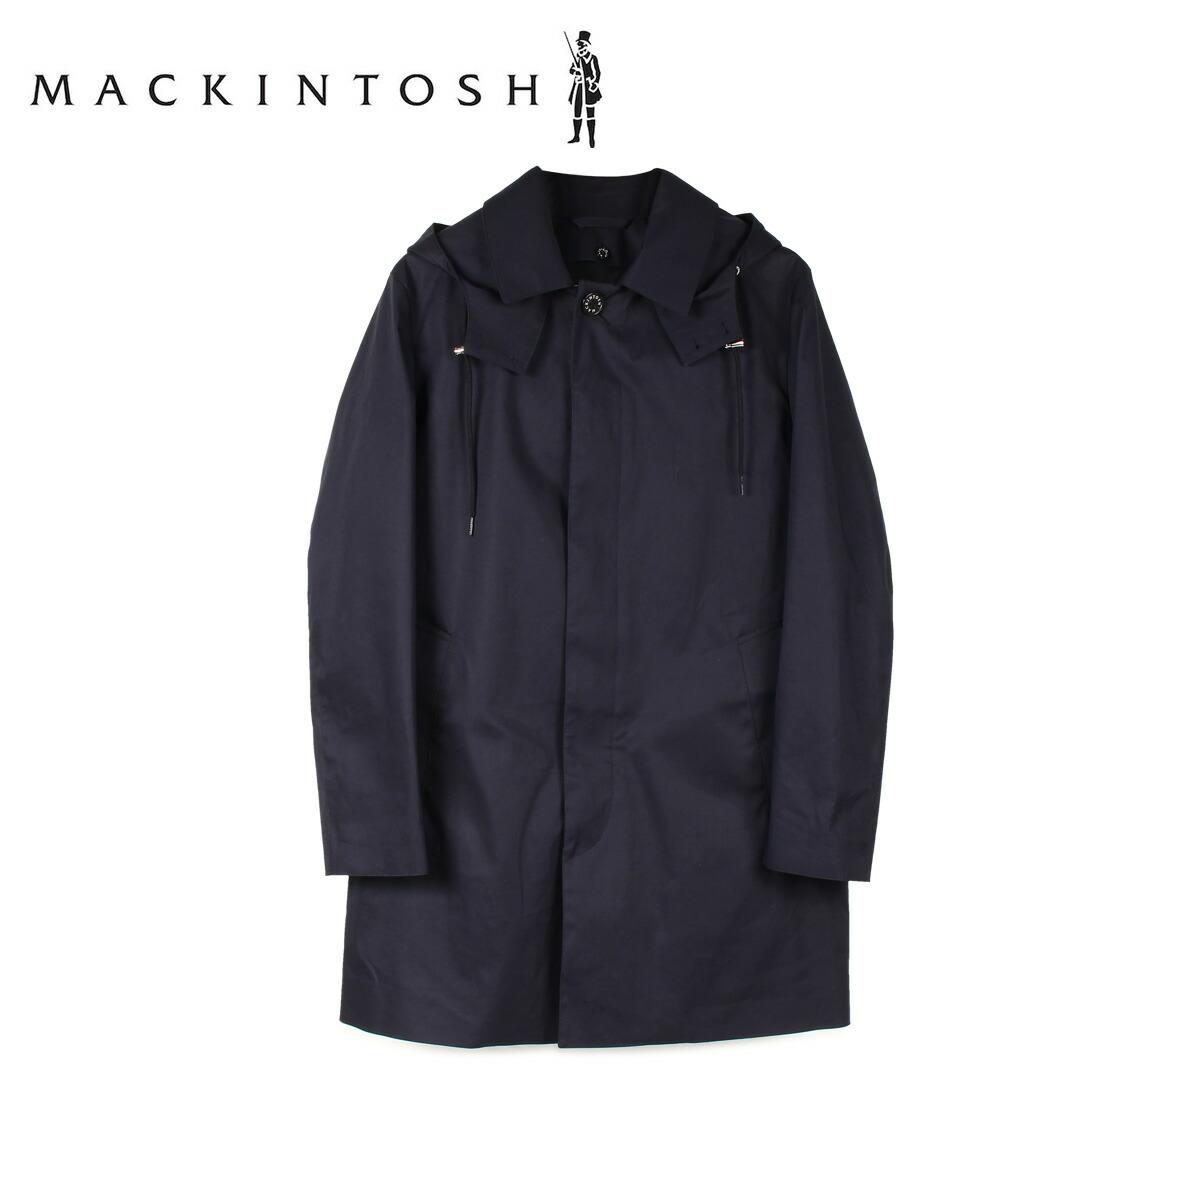 Mackintosh マッキントッシュ ダヌーン フード コート ダウンコート メンズ DUNOON HOOD ネイビー GM-1004FD